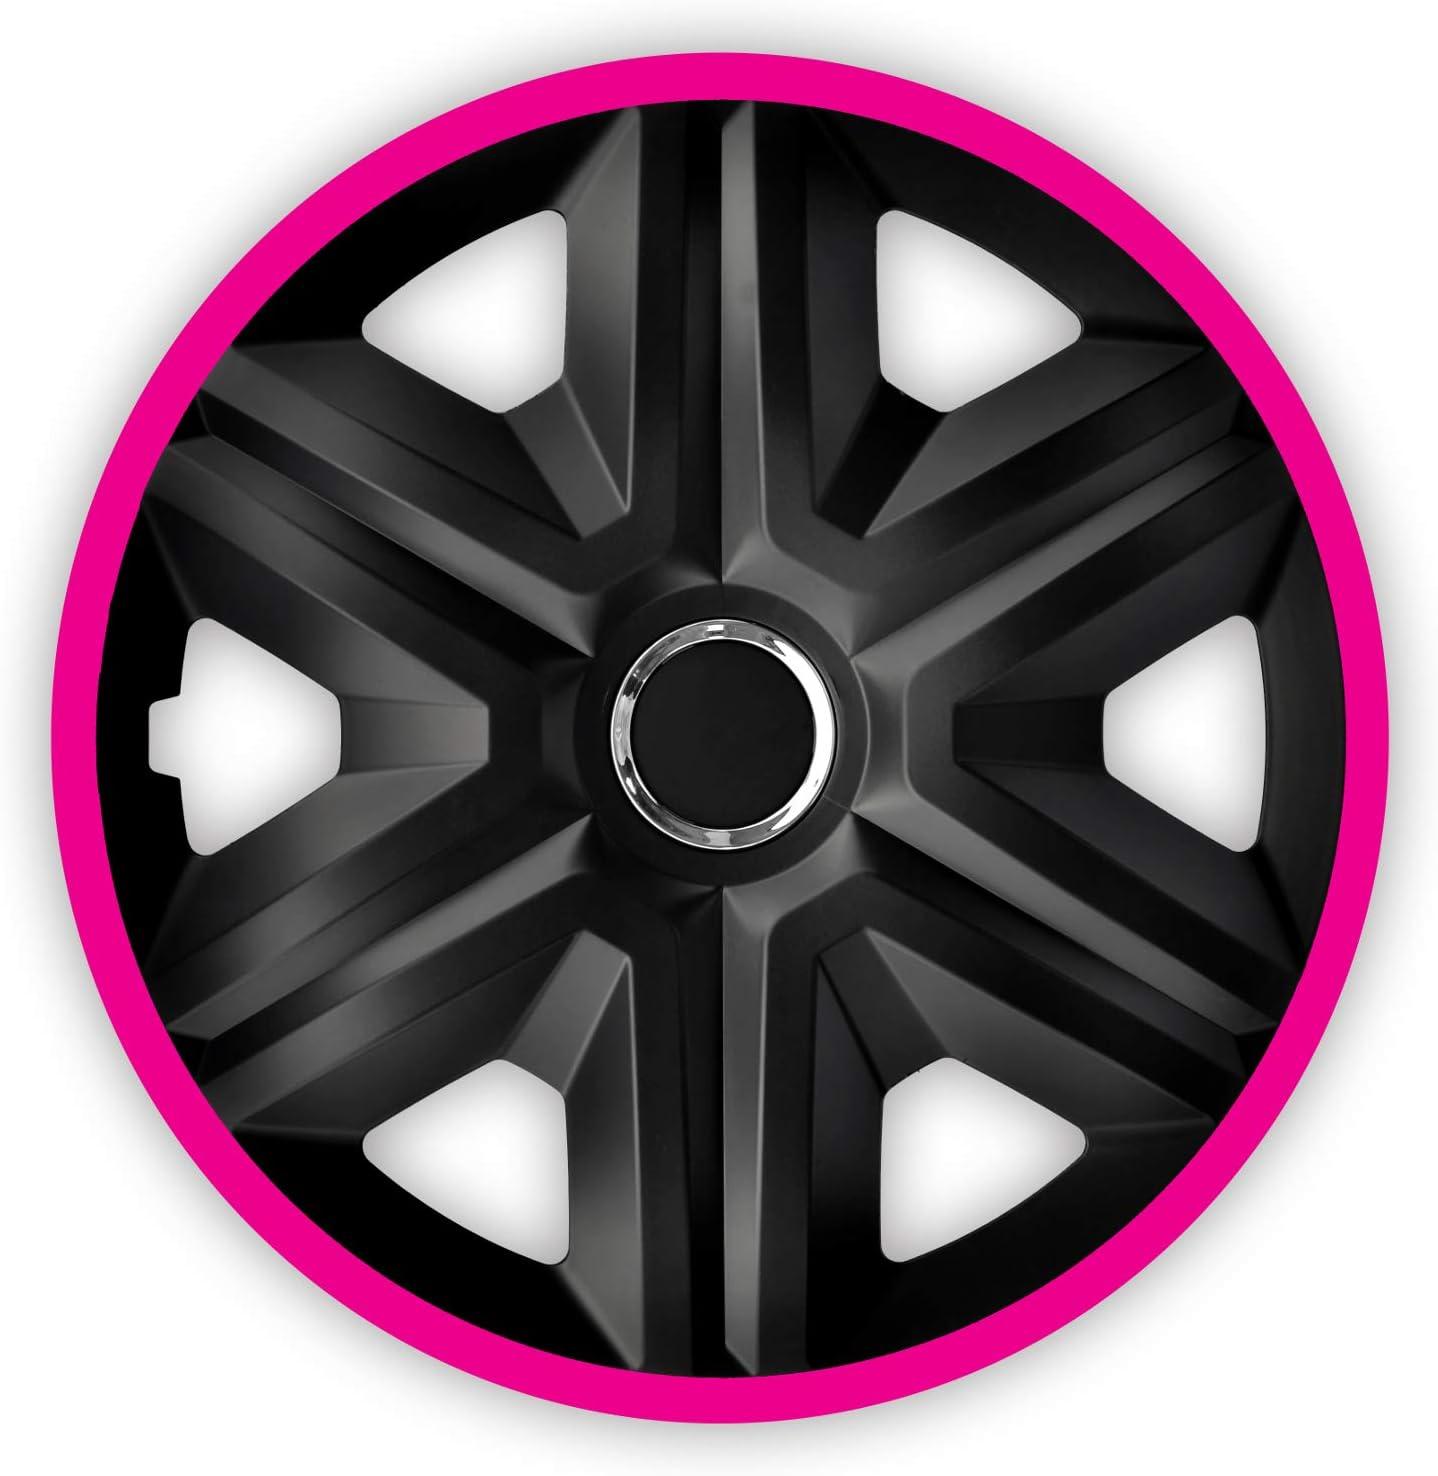 Schwarz//Pink, 15 NRM Fast LUX 4X Universal Radkappen Radzierblenden Radblenden Auto KFZ 4 St/ück